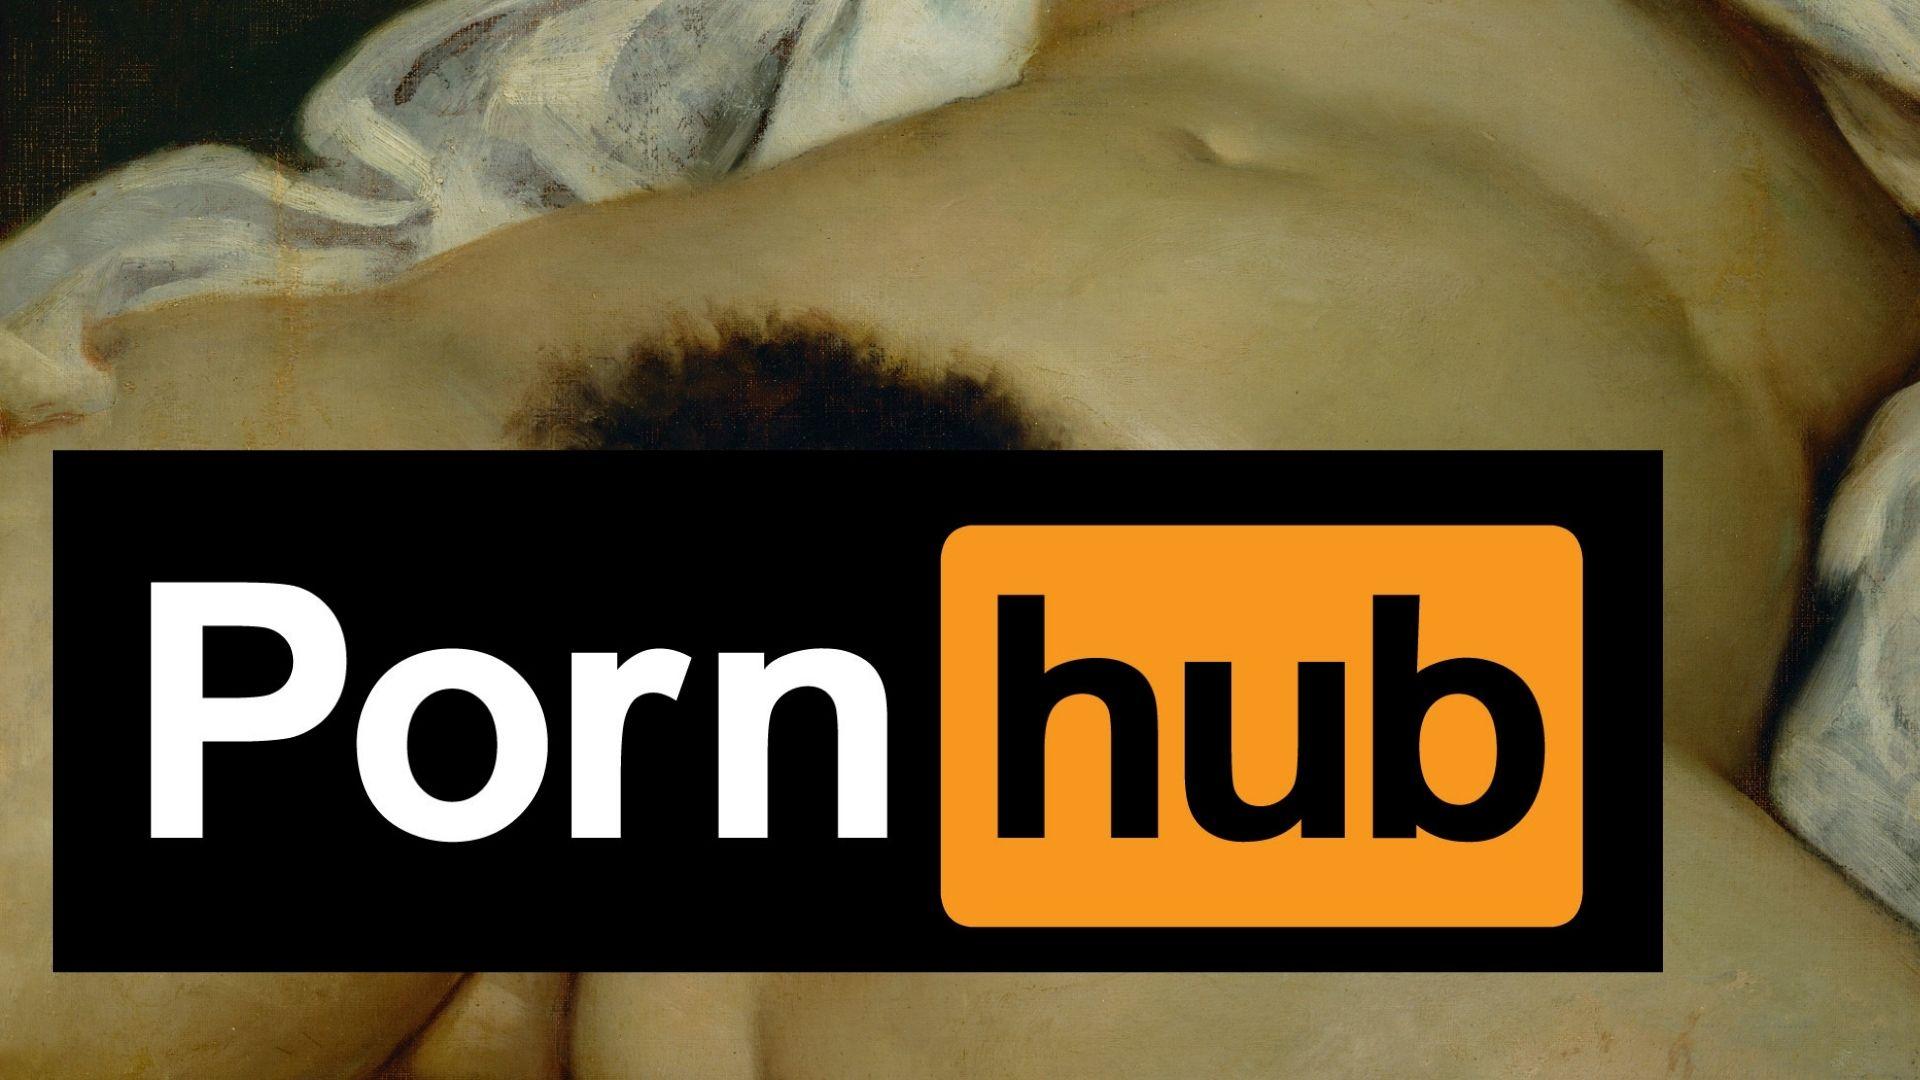 Sur Porhnub, les oeuvres d'art disparaissent plus vite que les nudes volés